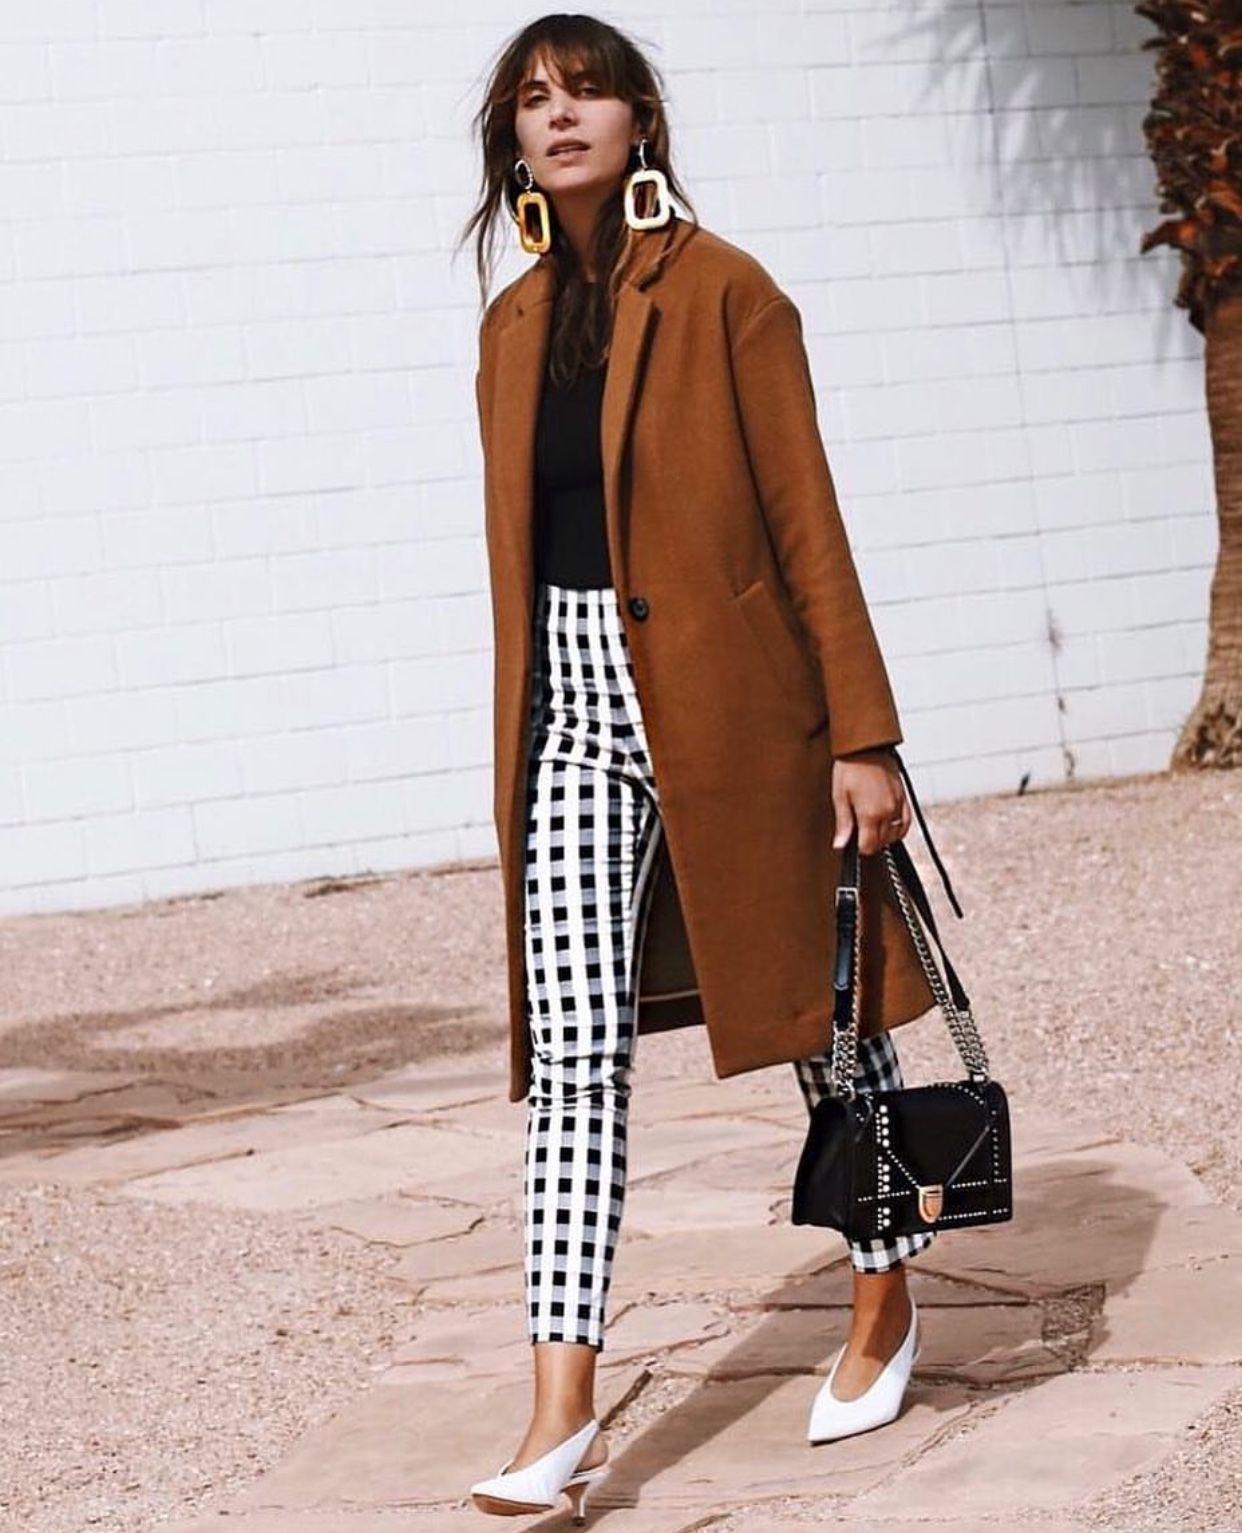 Abrigo marrón con pantalones a cuadros y zapatos blancos. Elegante ... b5dcfaafeb9f